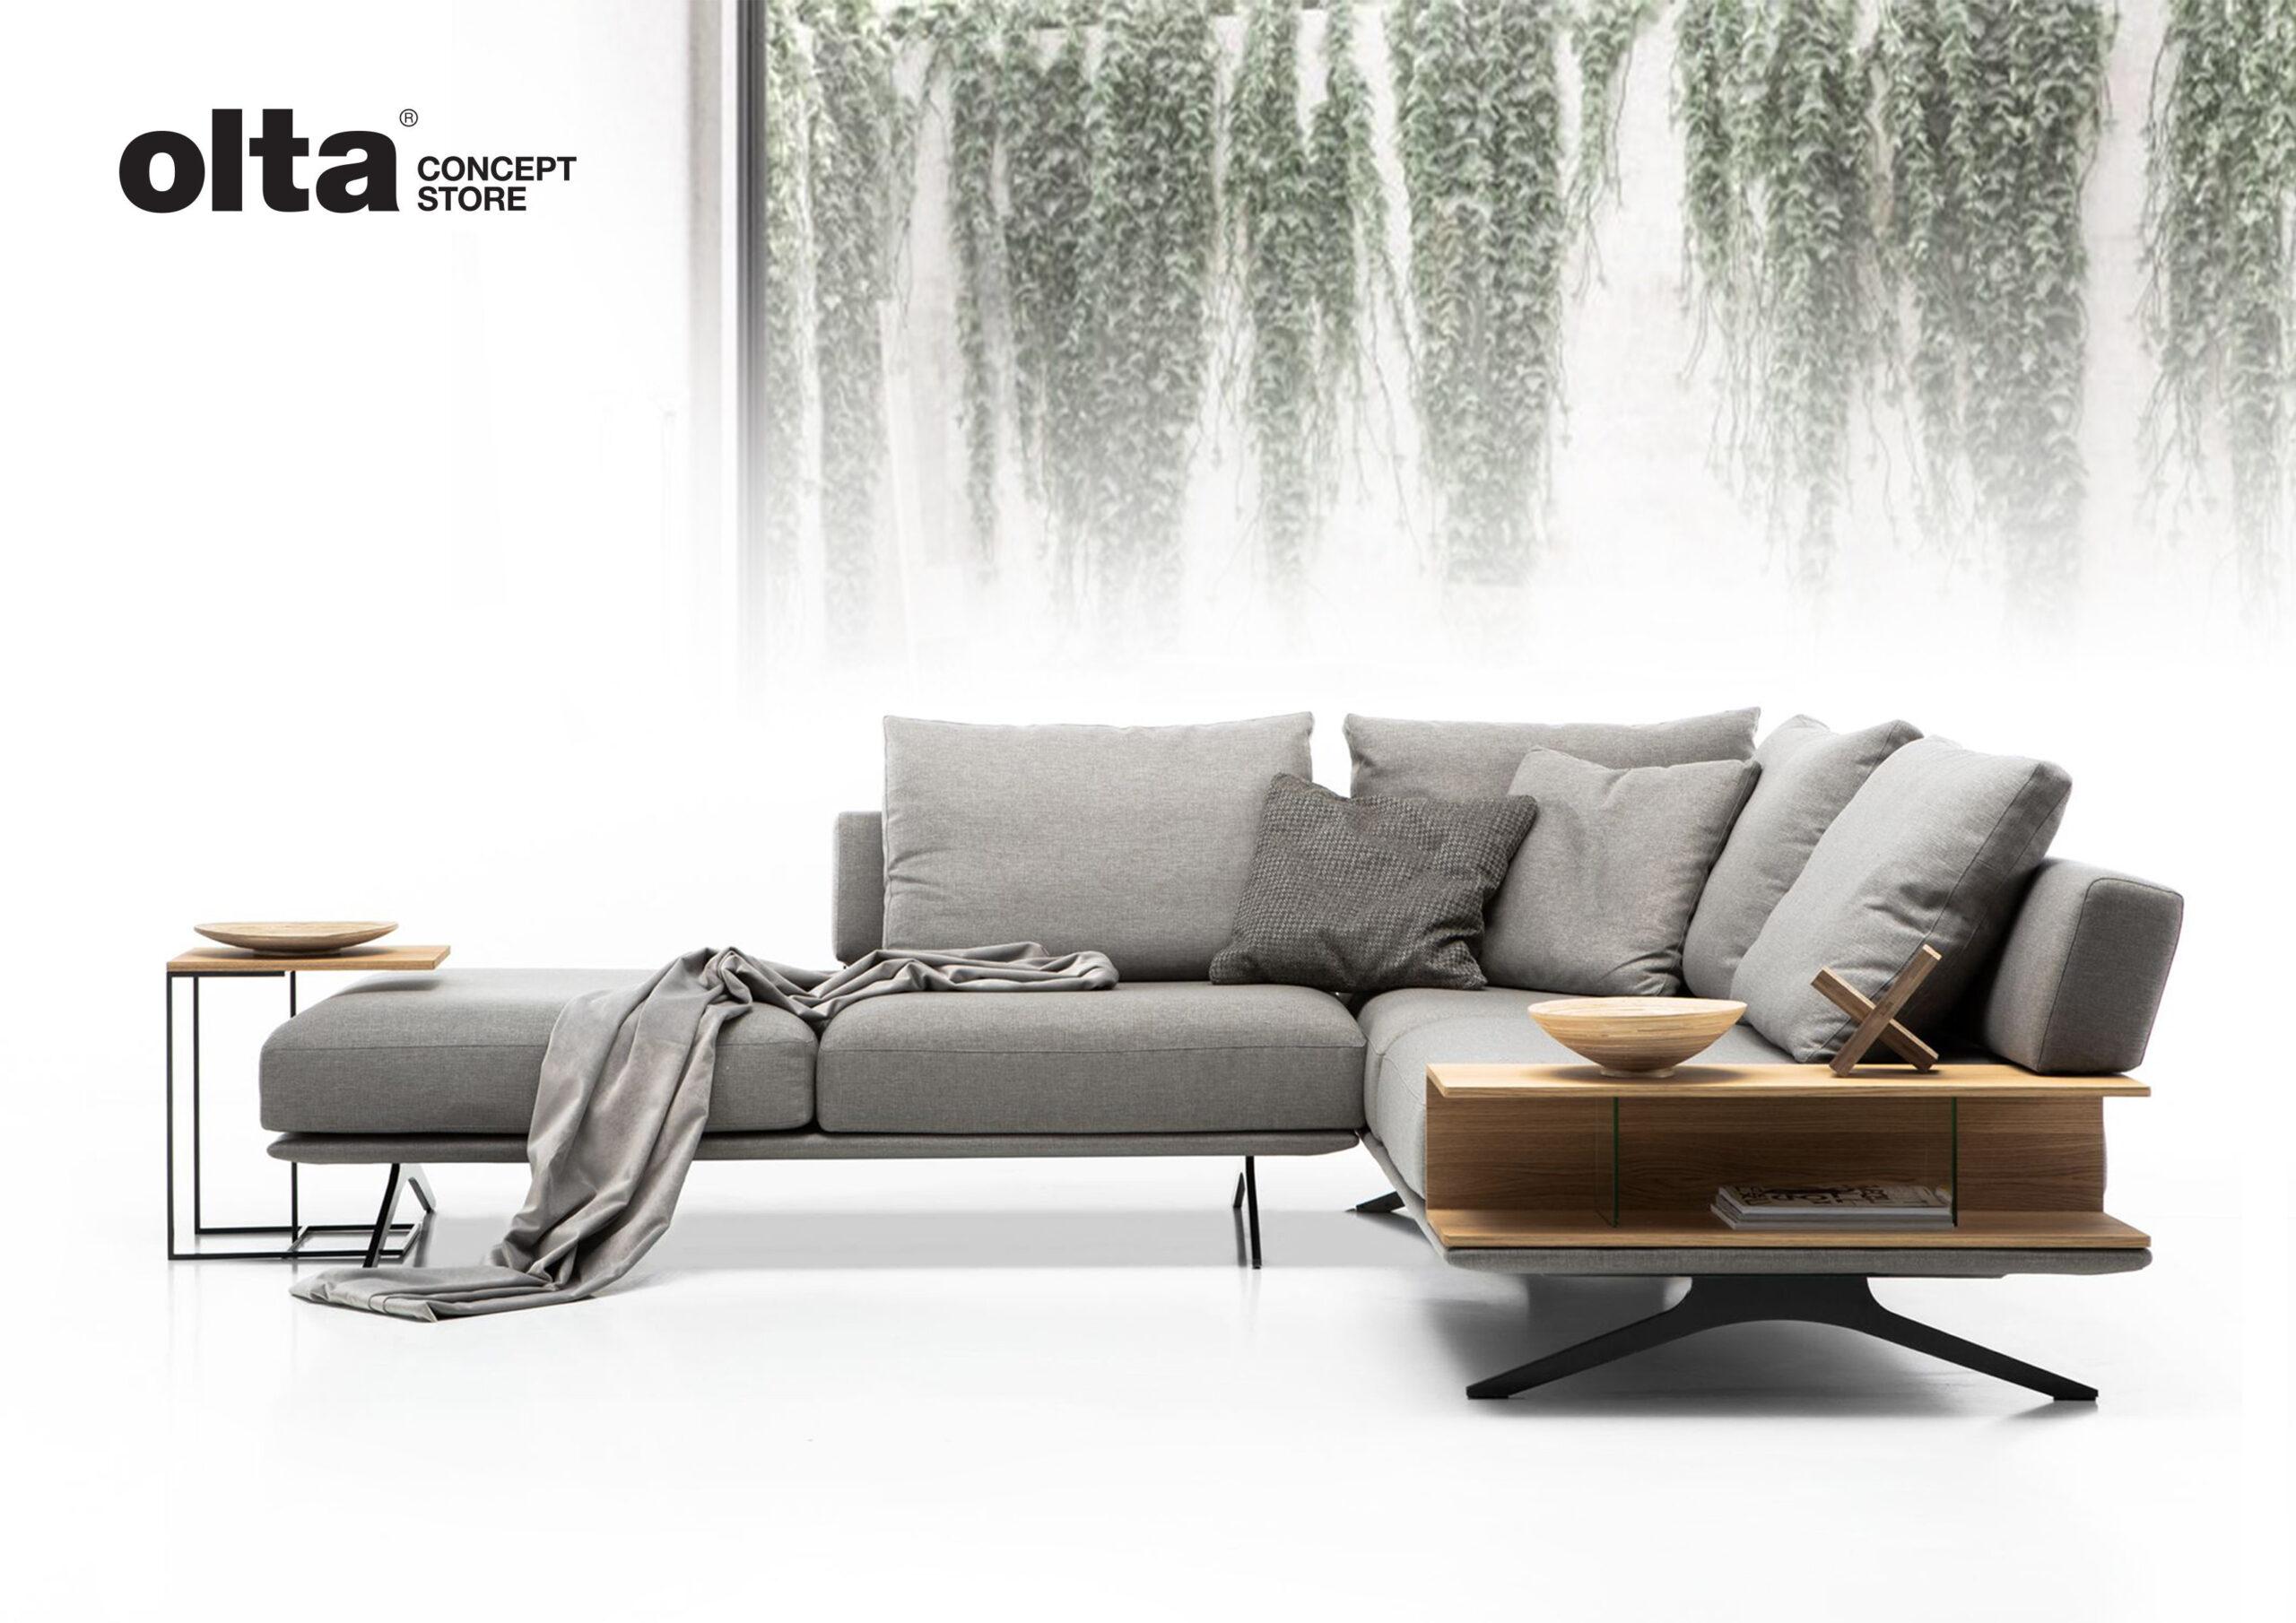 Tydzień Designu – Olta Concept Store Białystok